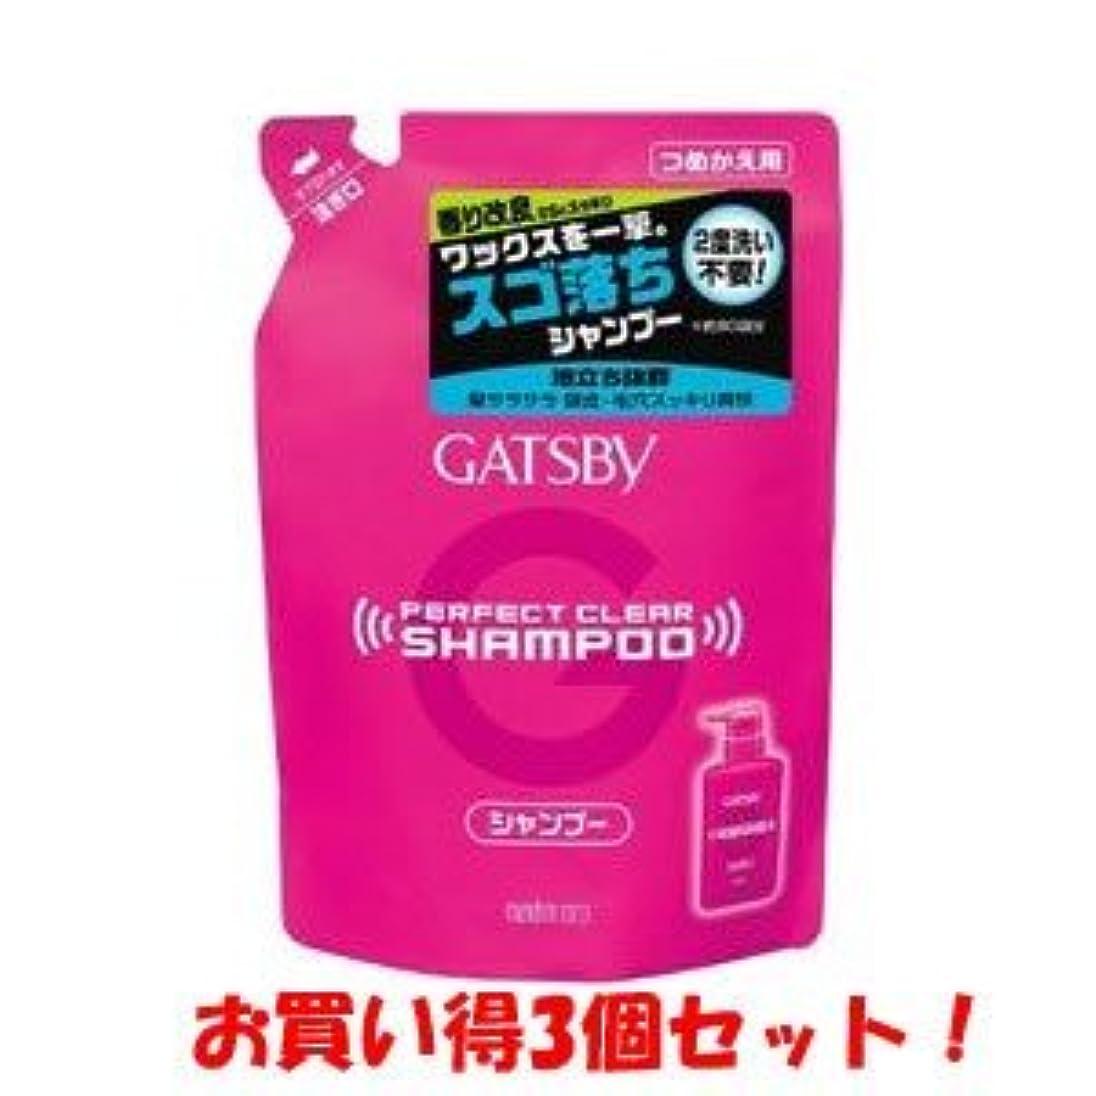 傀儡アウター不健全ギャツビー【GATSBY】パーフェクトクリアシャンプー 詰替 320ml(お買い得3個セット)